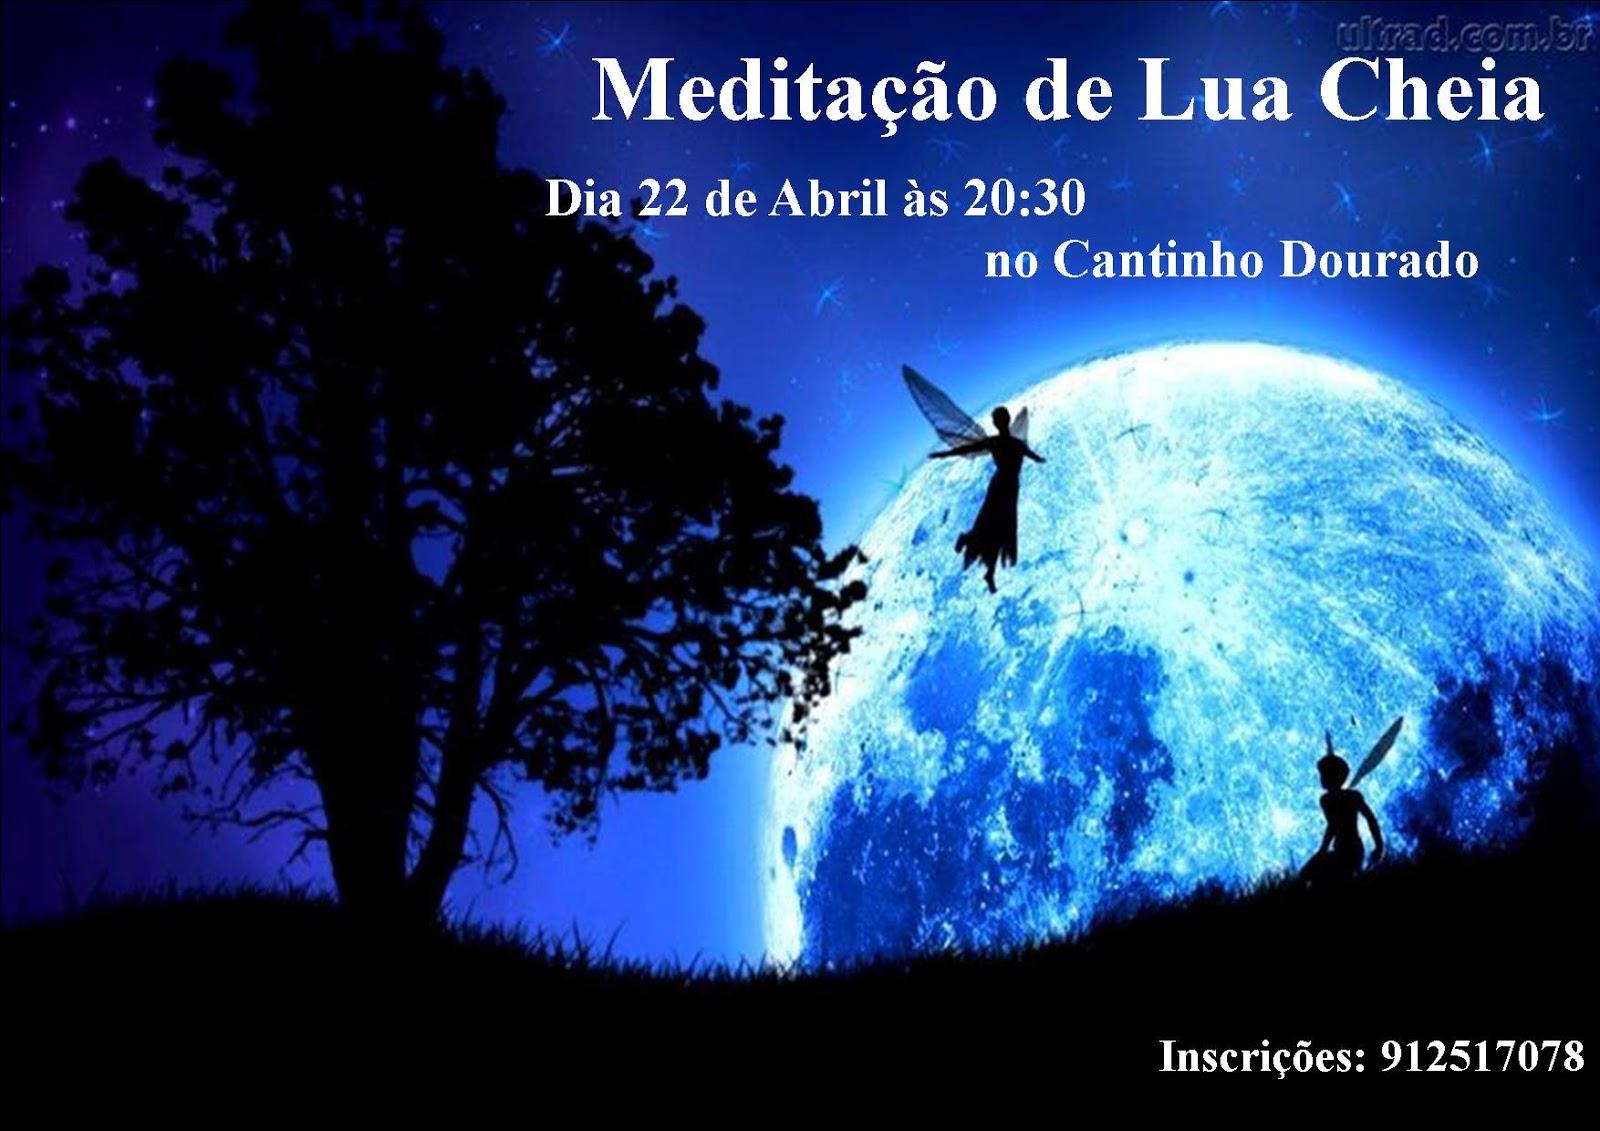 Mensagens Lua Cheia: Cantinho Dourado: Meditação De Lua Cheia 2016-04-22